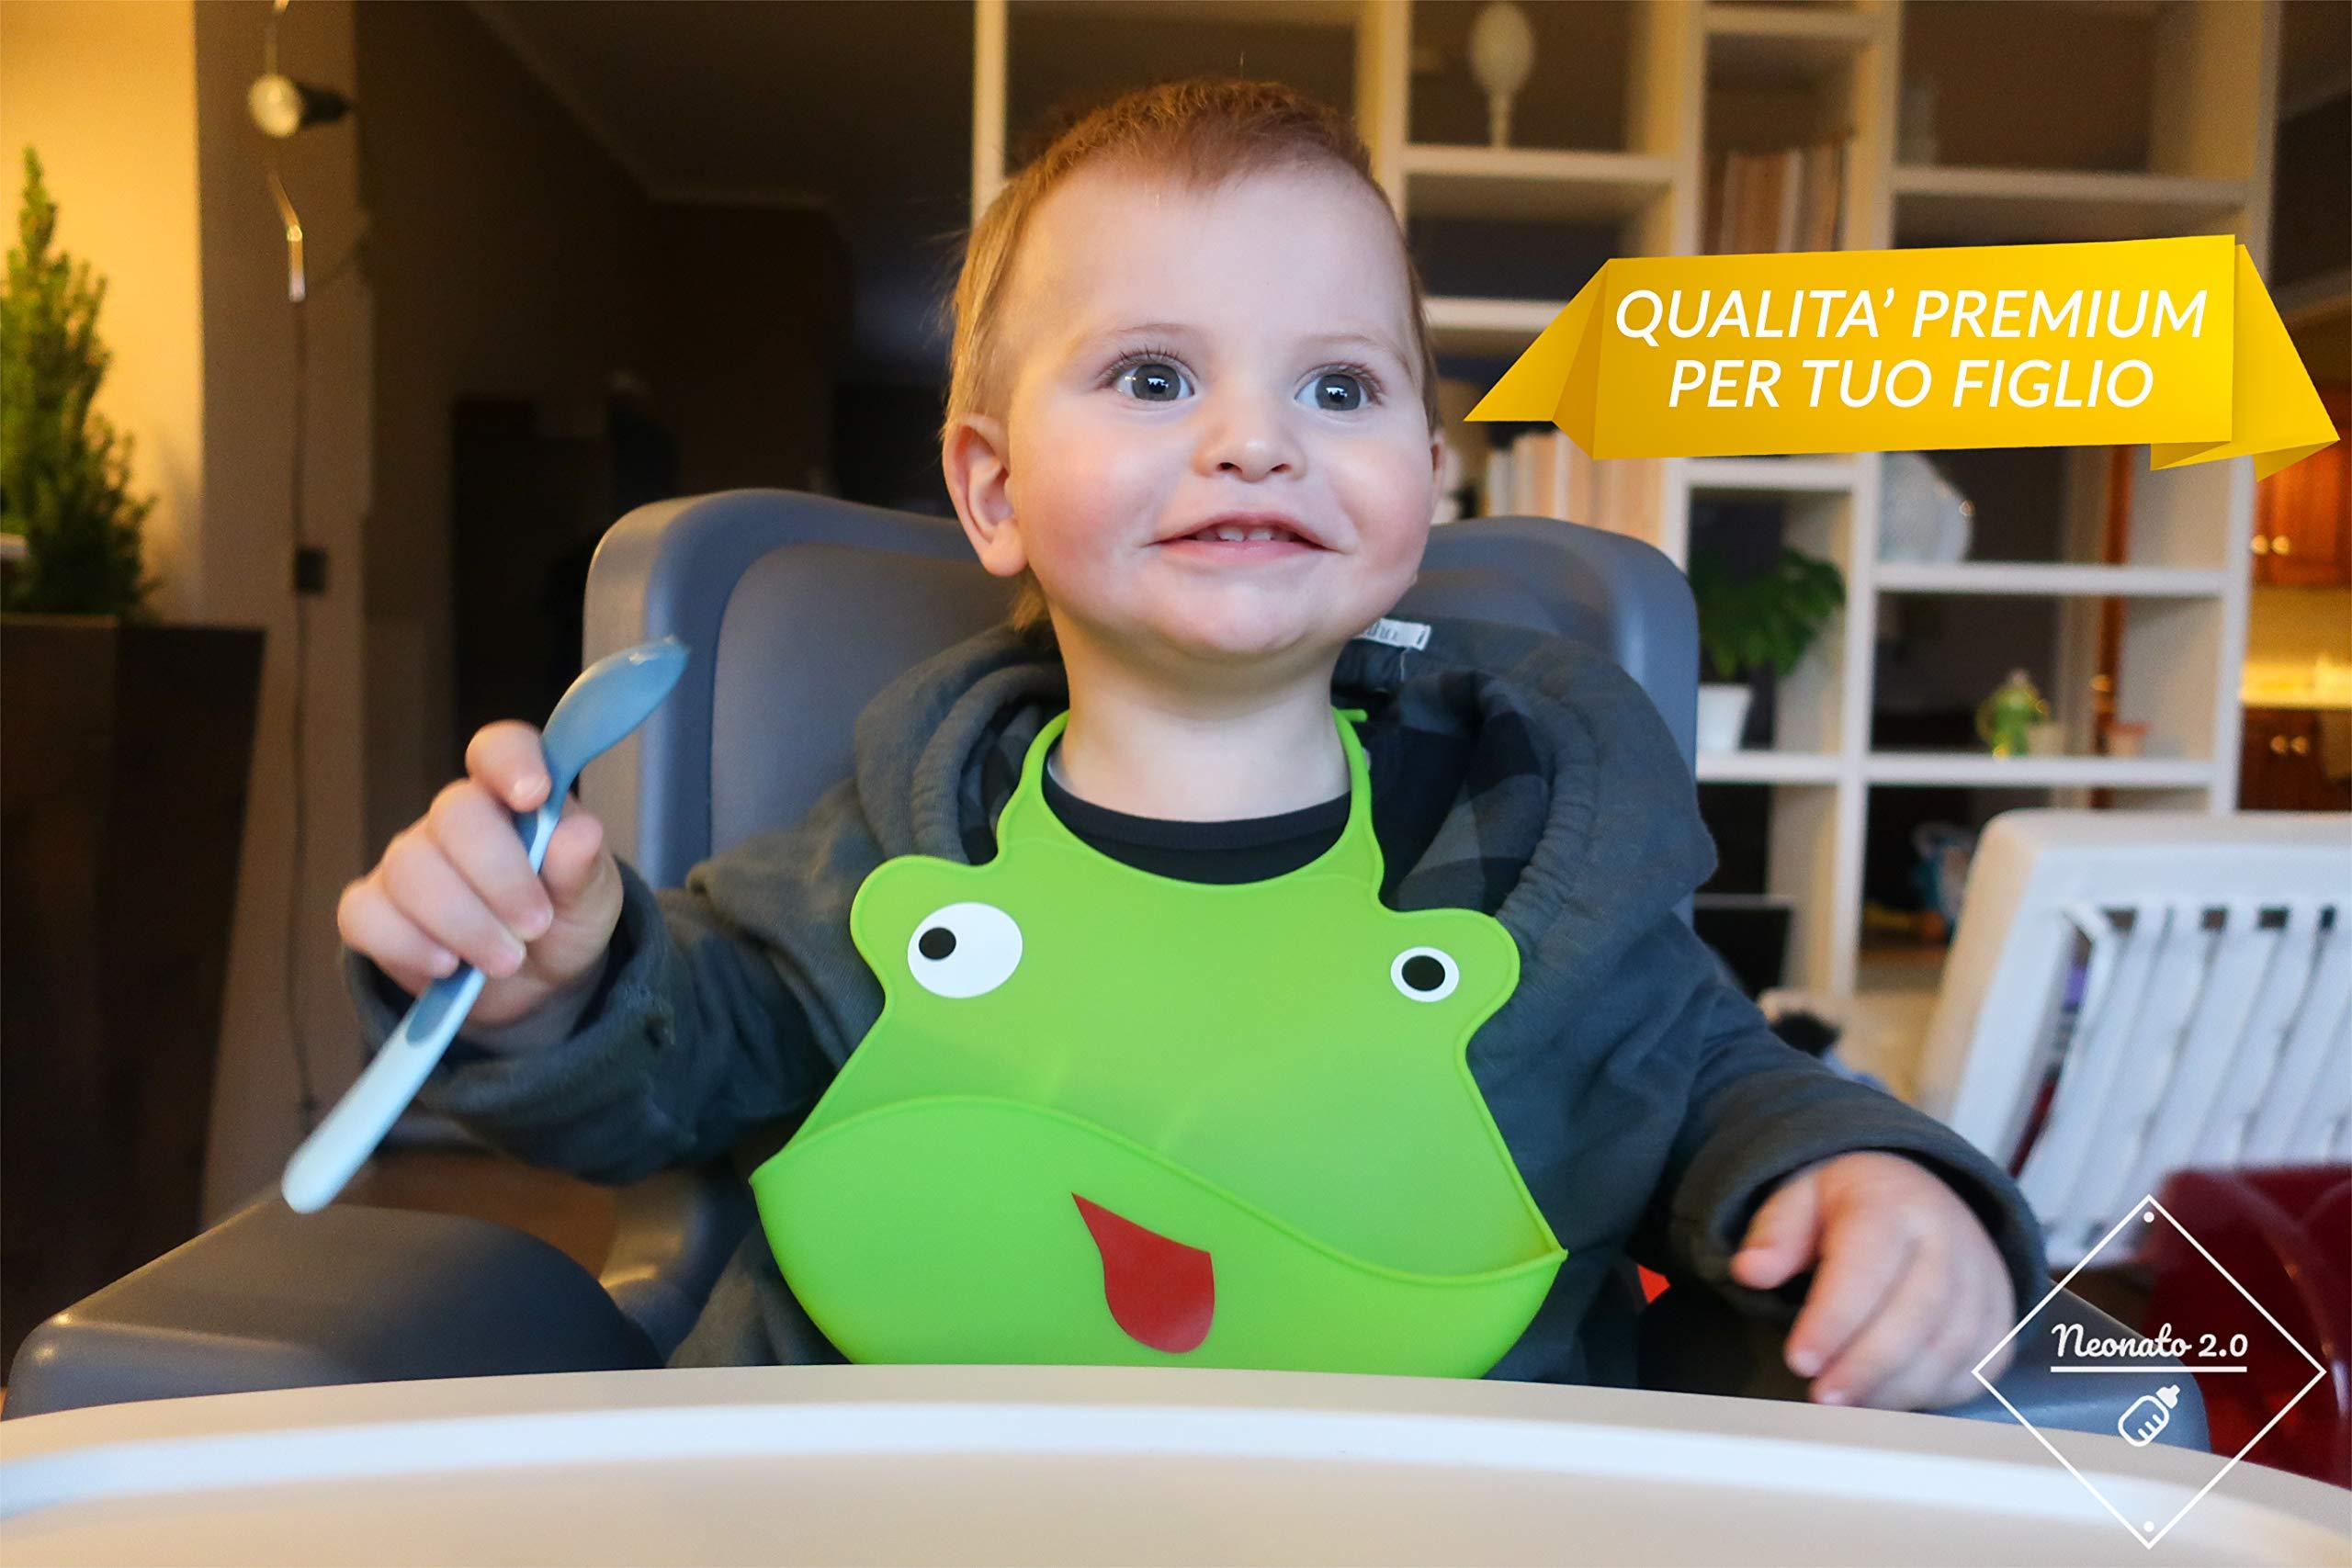 Bavaglini Neonato in Silicone Morbido con Tasca Raccogli Briciole e Pappa - Bavaglini Impermeabili per Asilo, Lavabili ed Inodori - Set 2 Bavette Neonato 2.0 Per Bambino e Bambina (Verde/Azzurro)